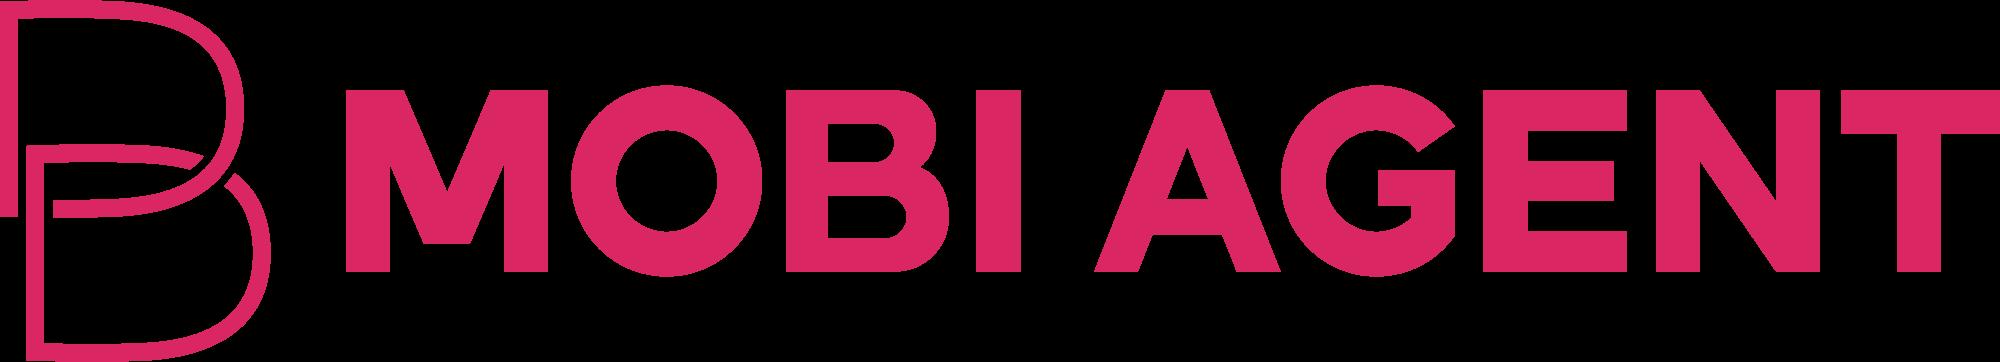 チャットサポートシステム MOBI AGENT(モビエージェント)